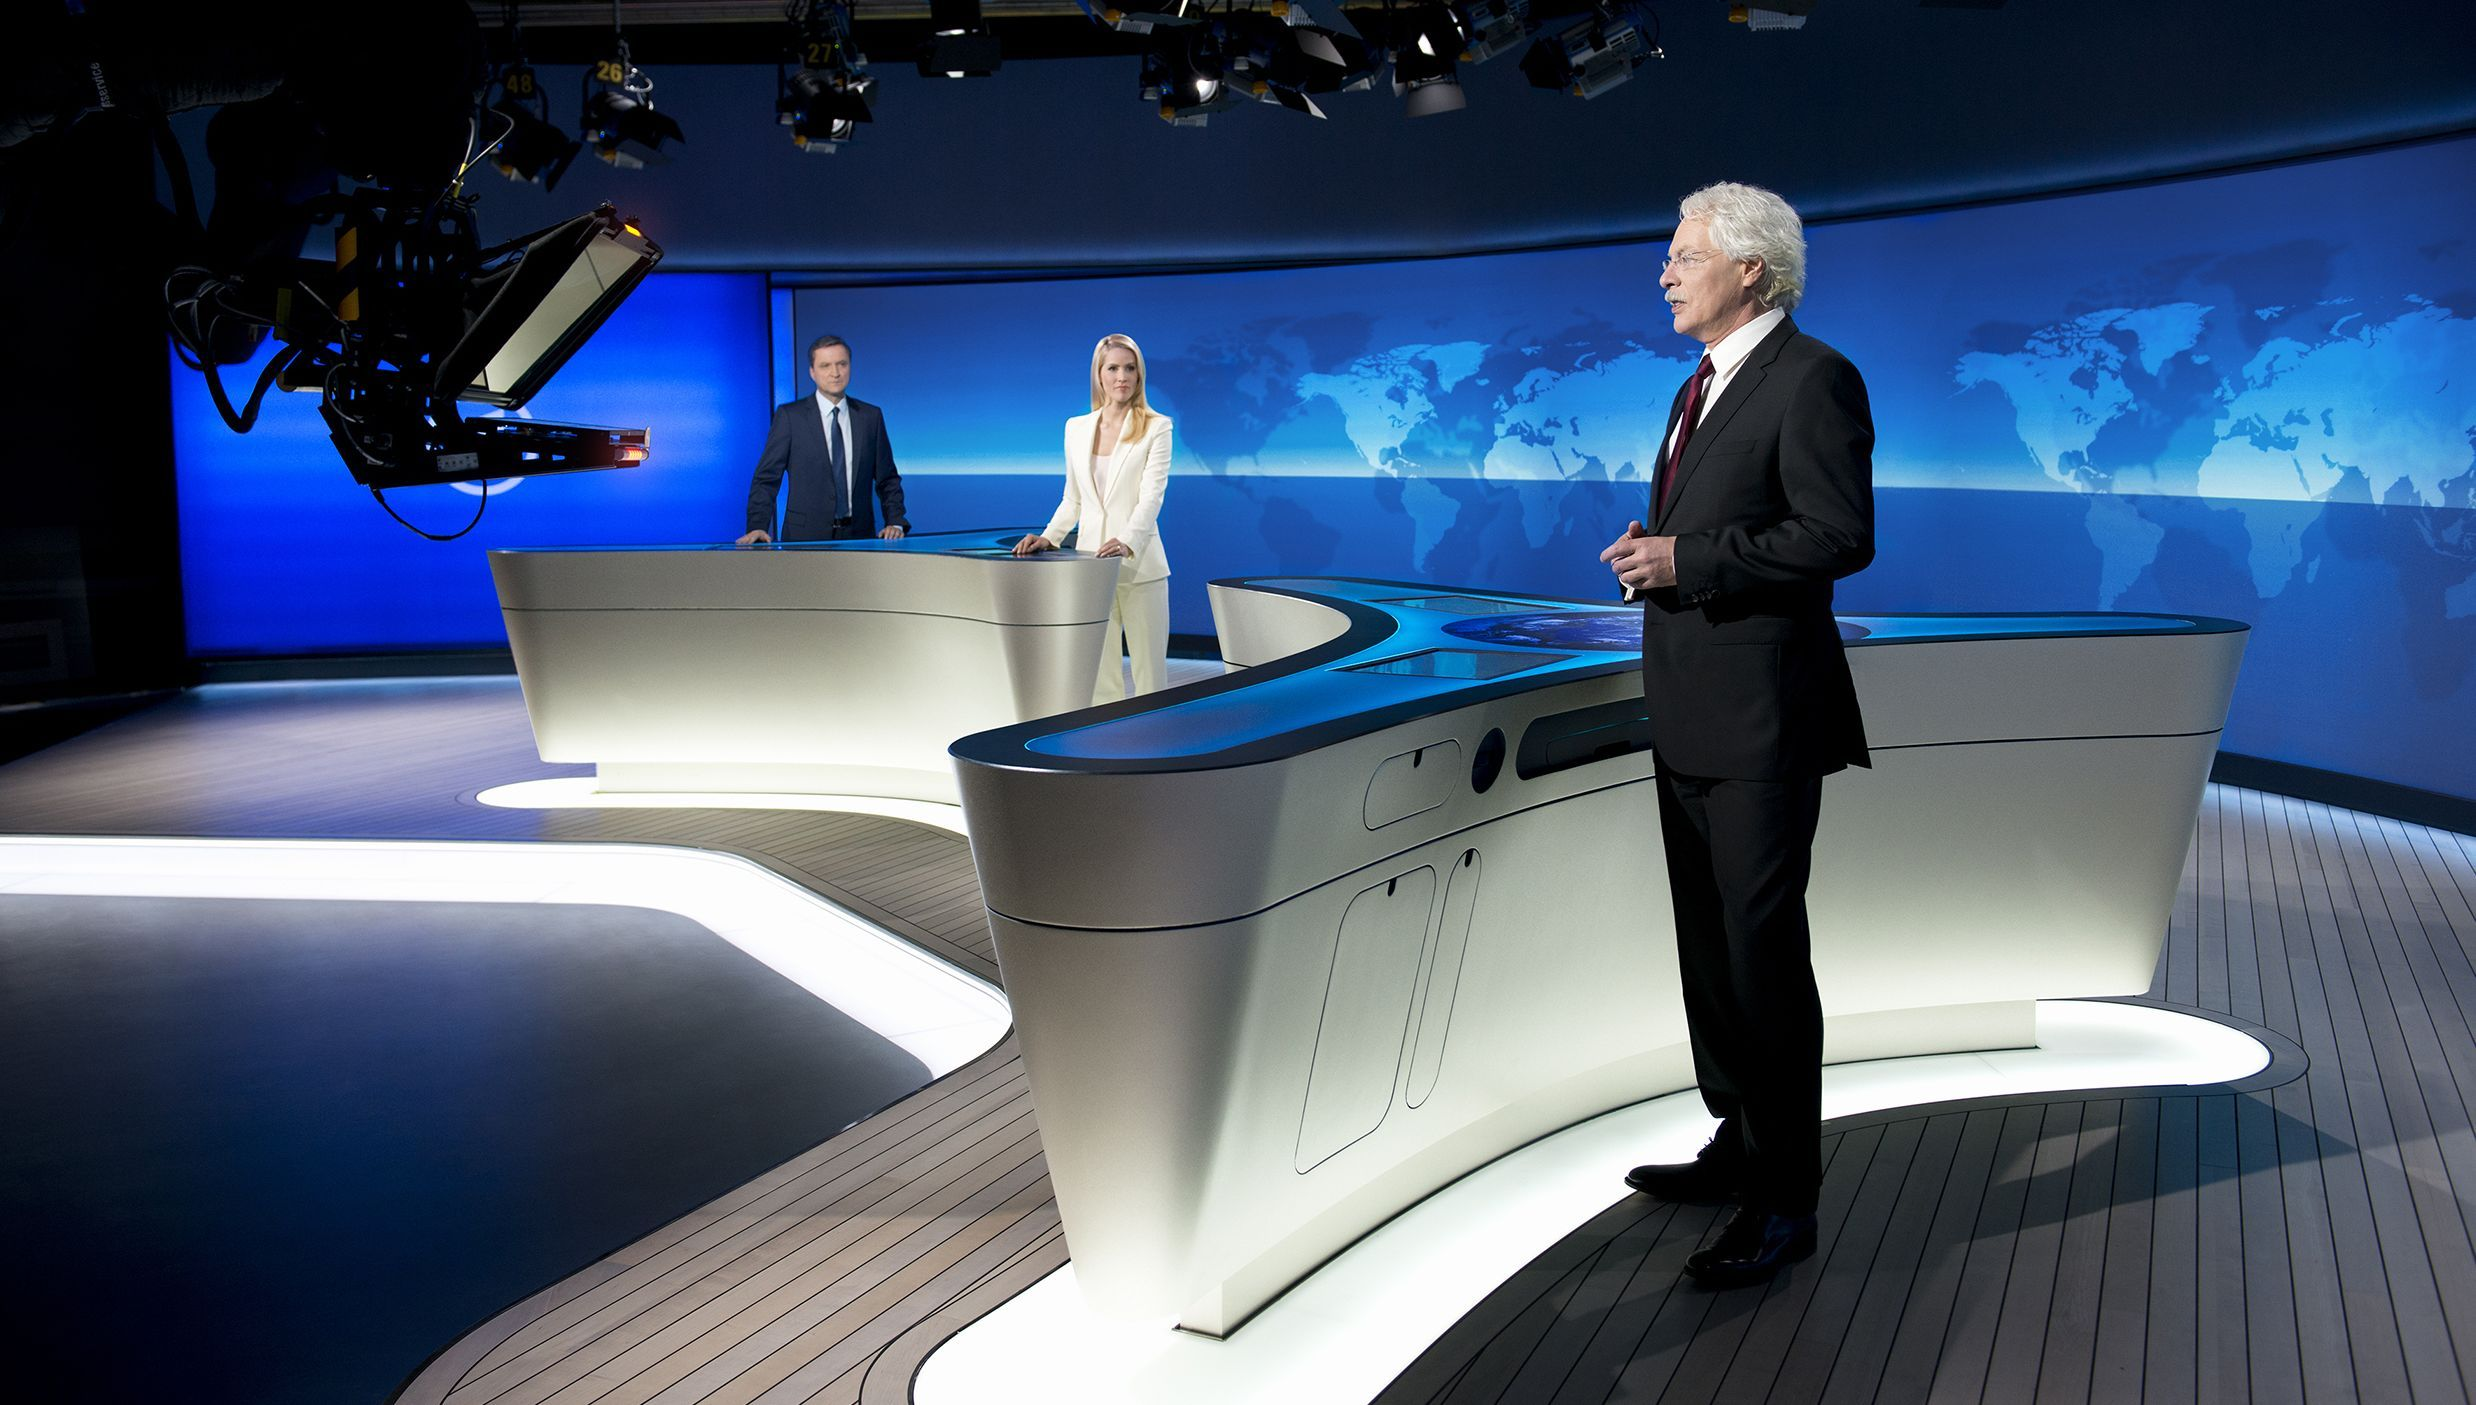 LA TELEVISIONE IN GERMANIA: IL TAGESSCHAU, IL TG DEL PRIMO CANALE (A CURA DI FEDE)